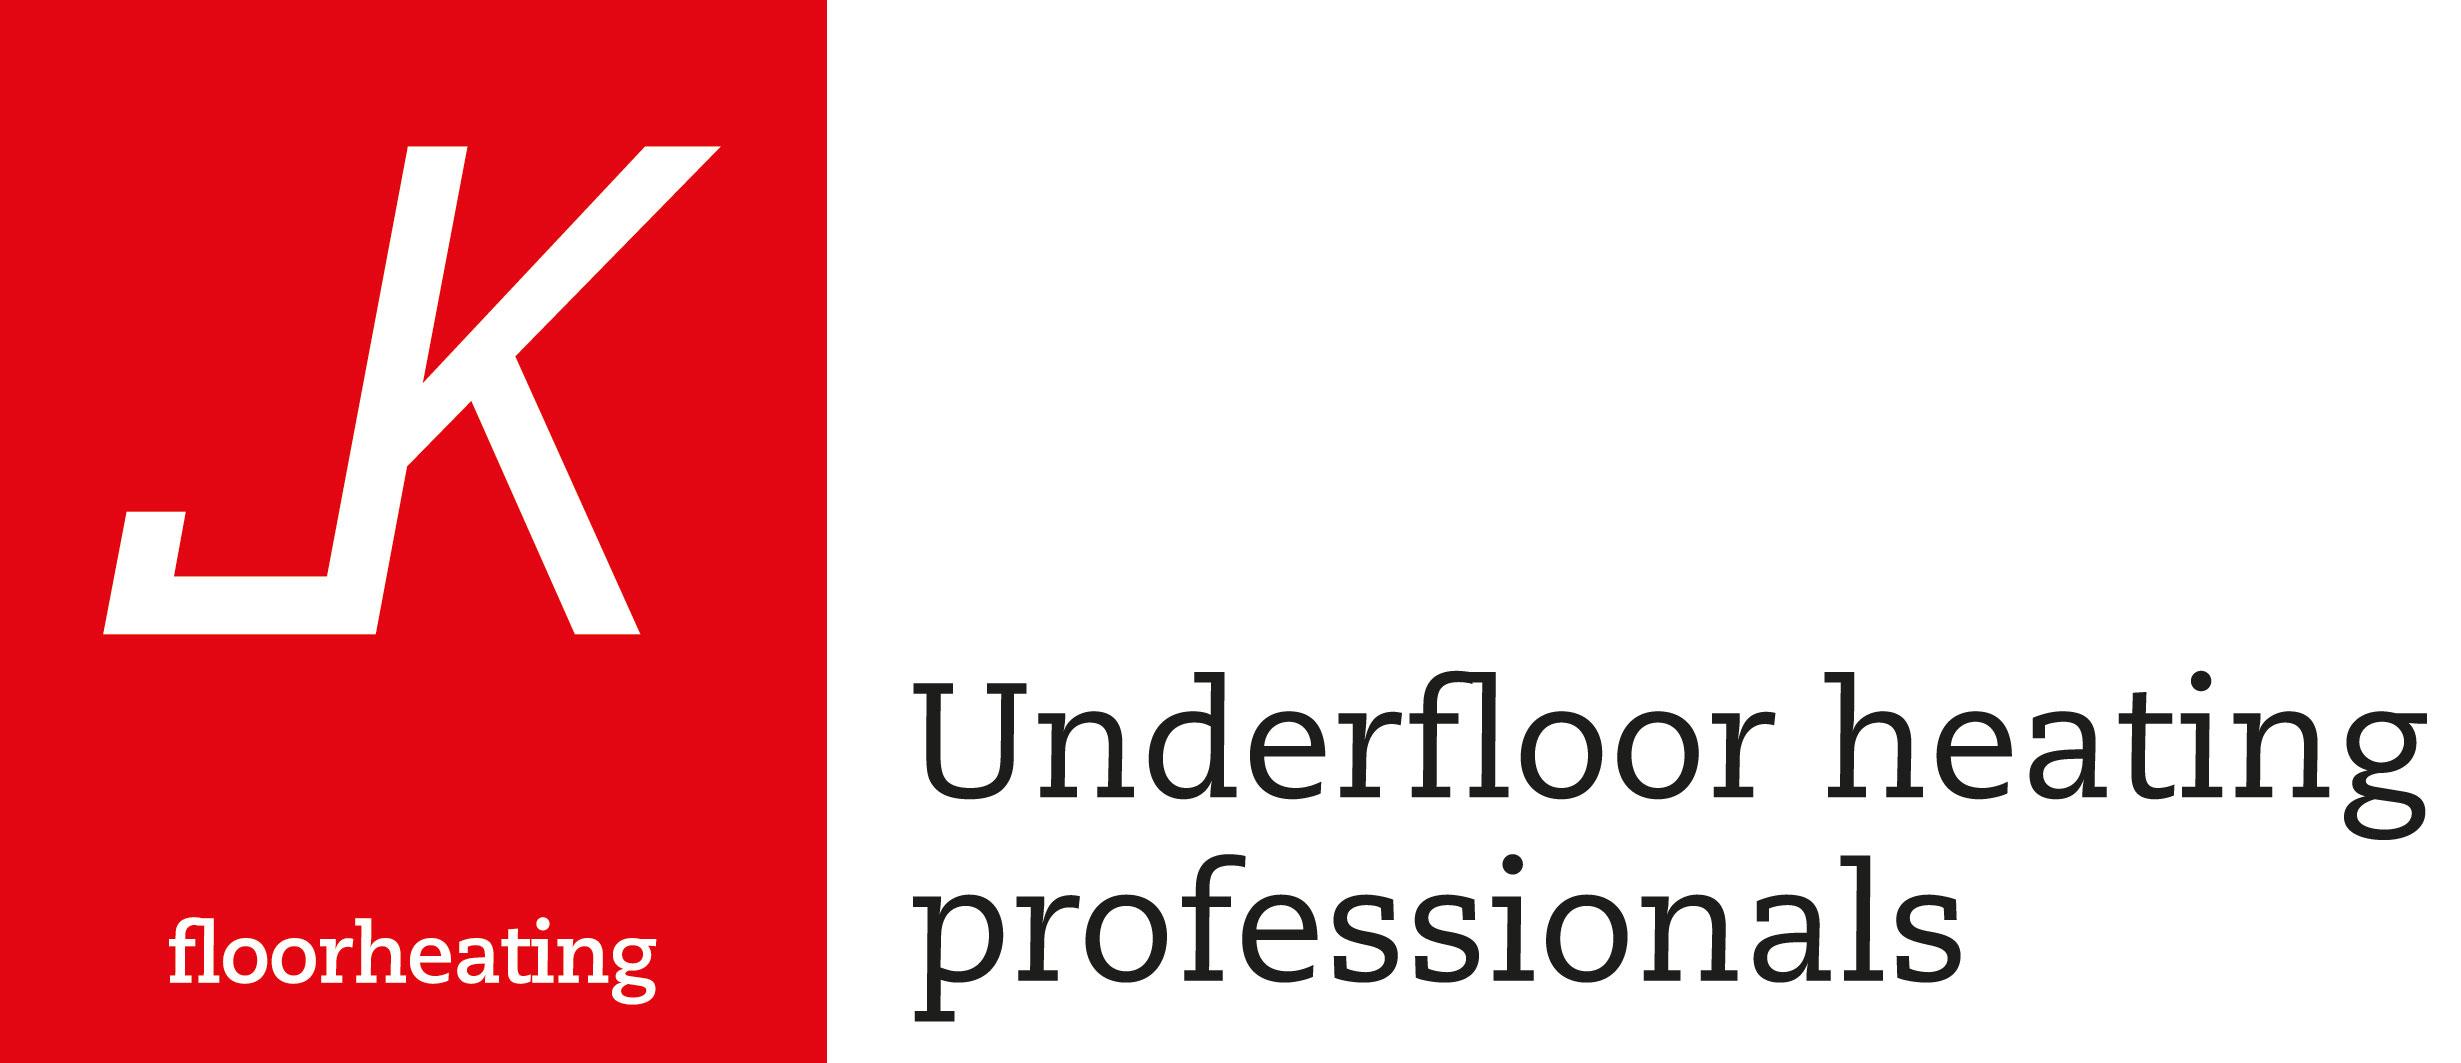 JK Underfloor Heating Professionals logo